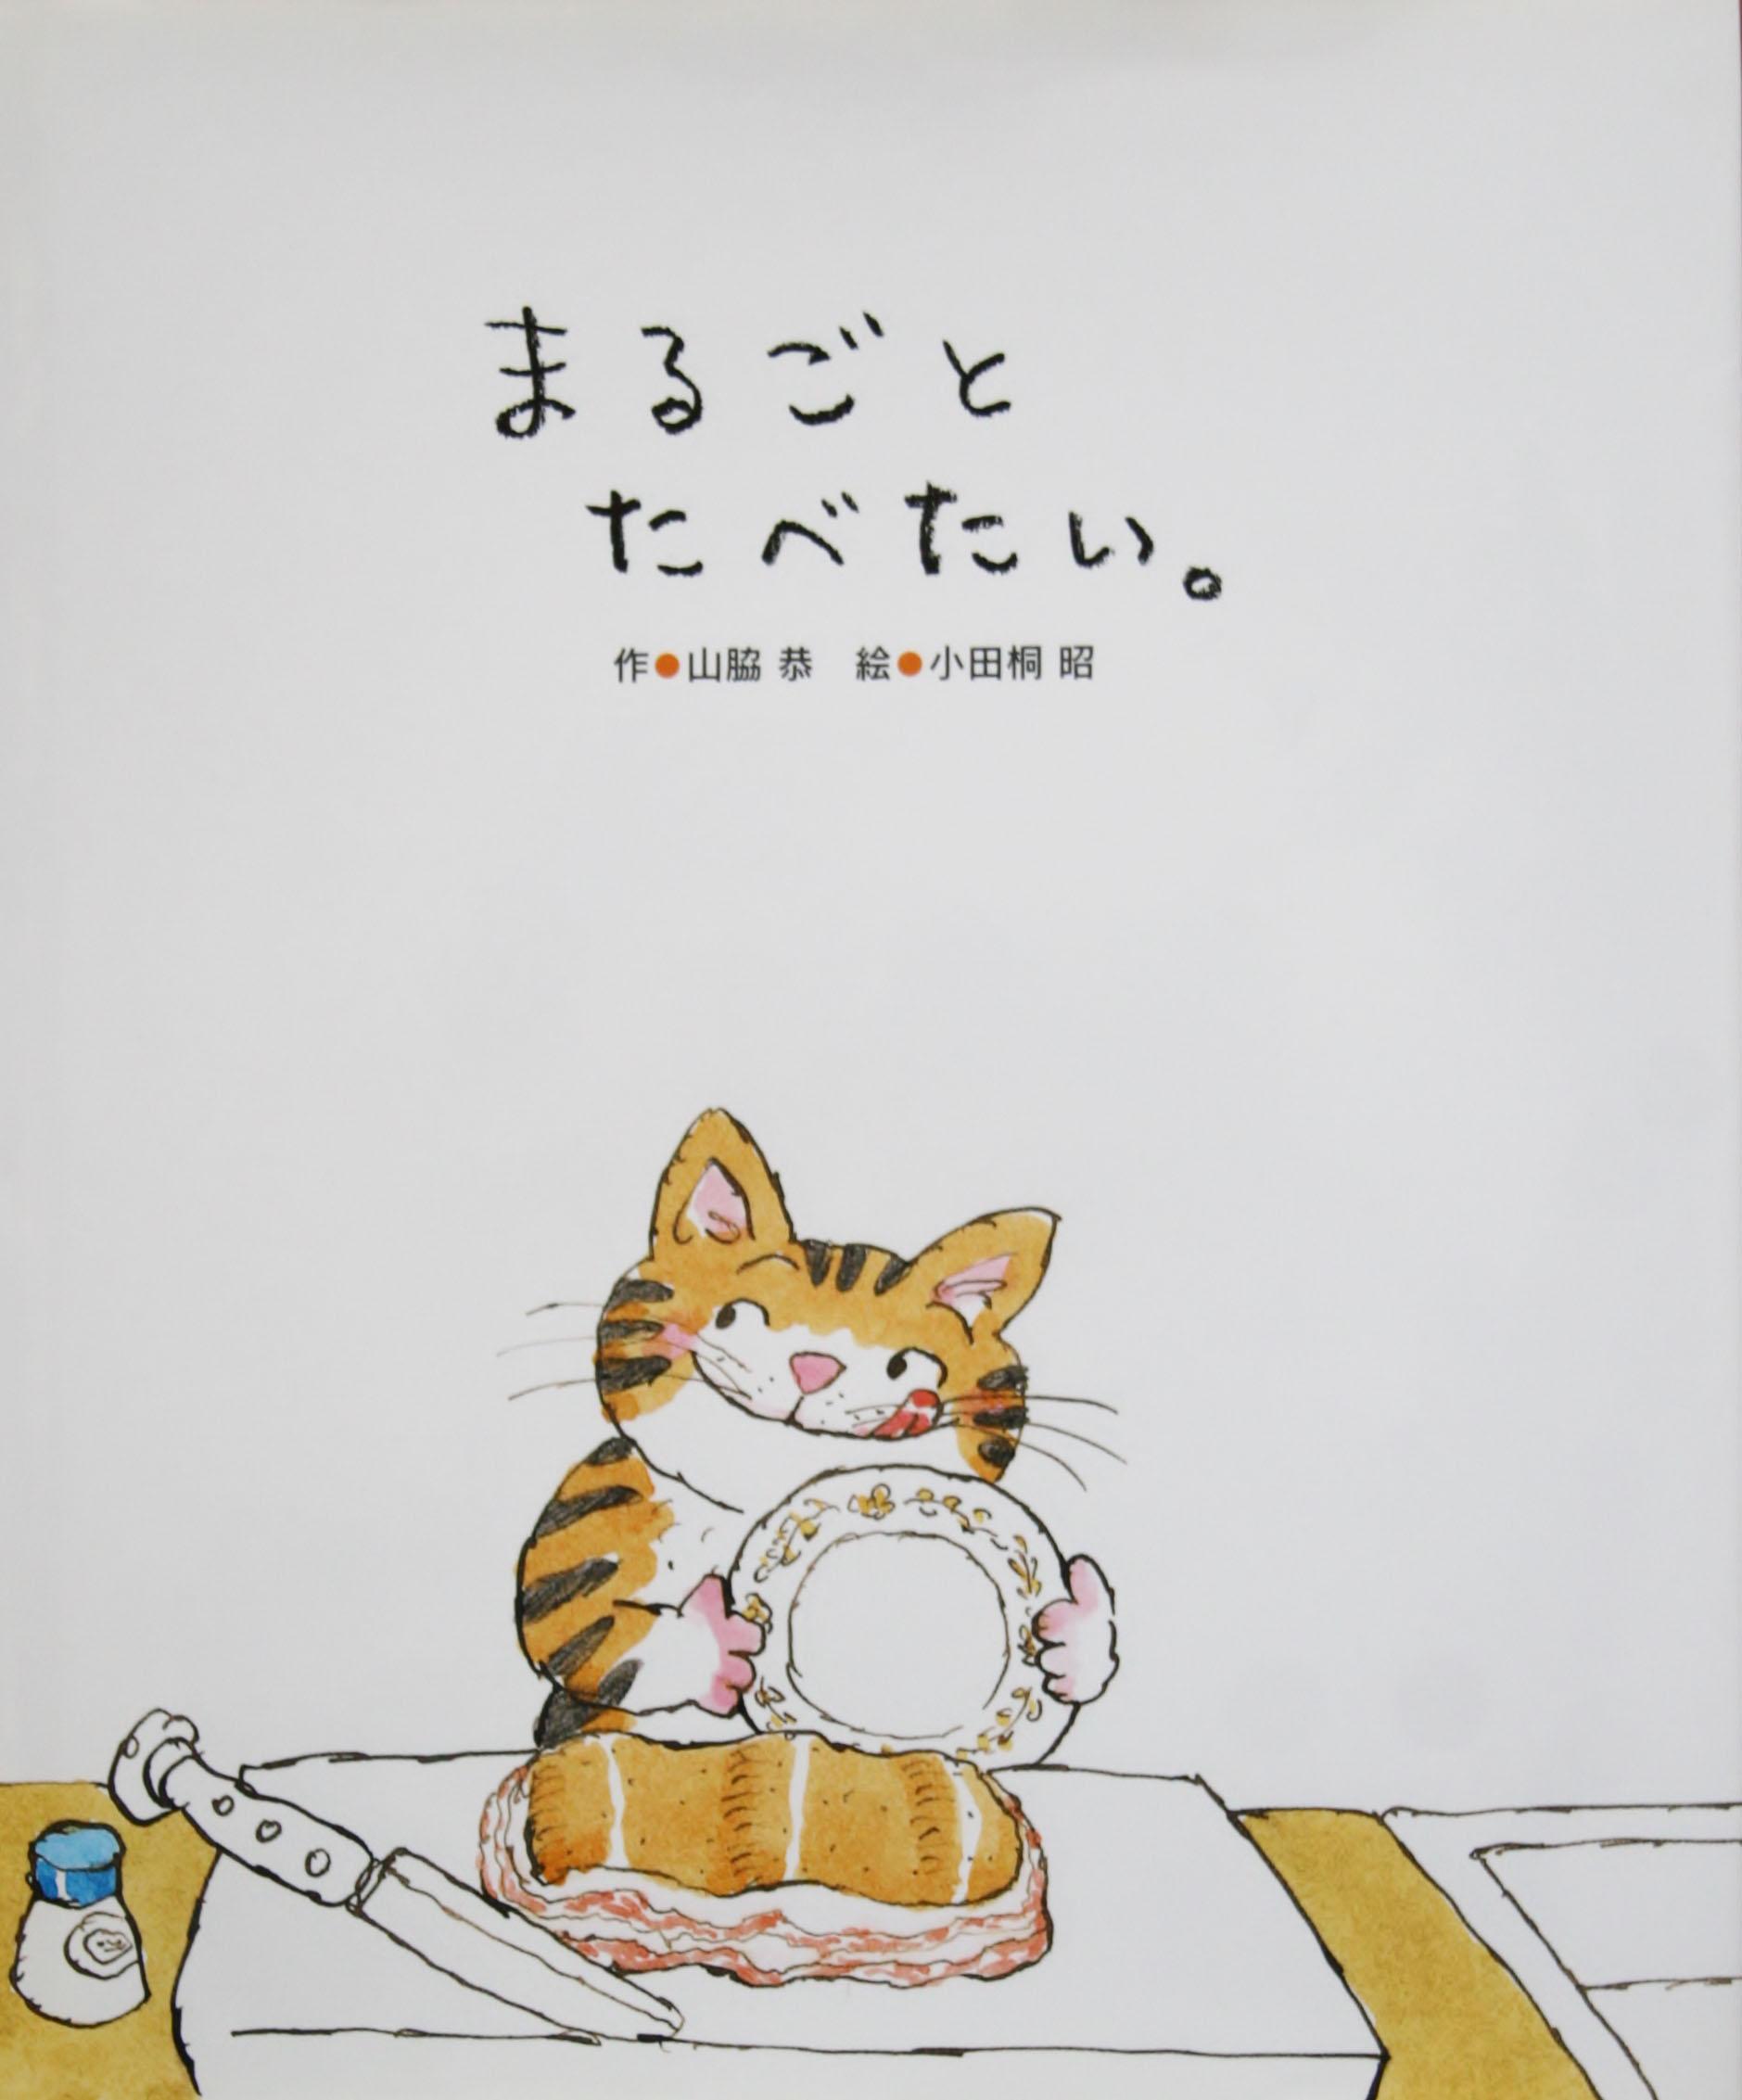 猫 絵本 まるごとたべたい 山脇 小田桐